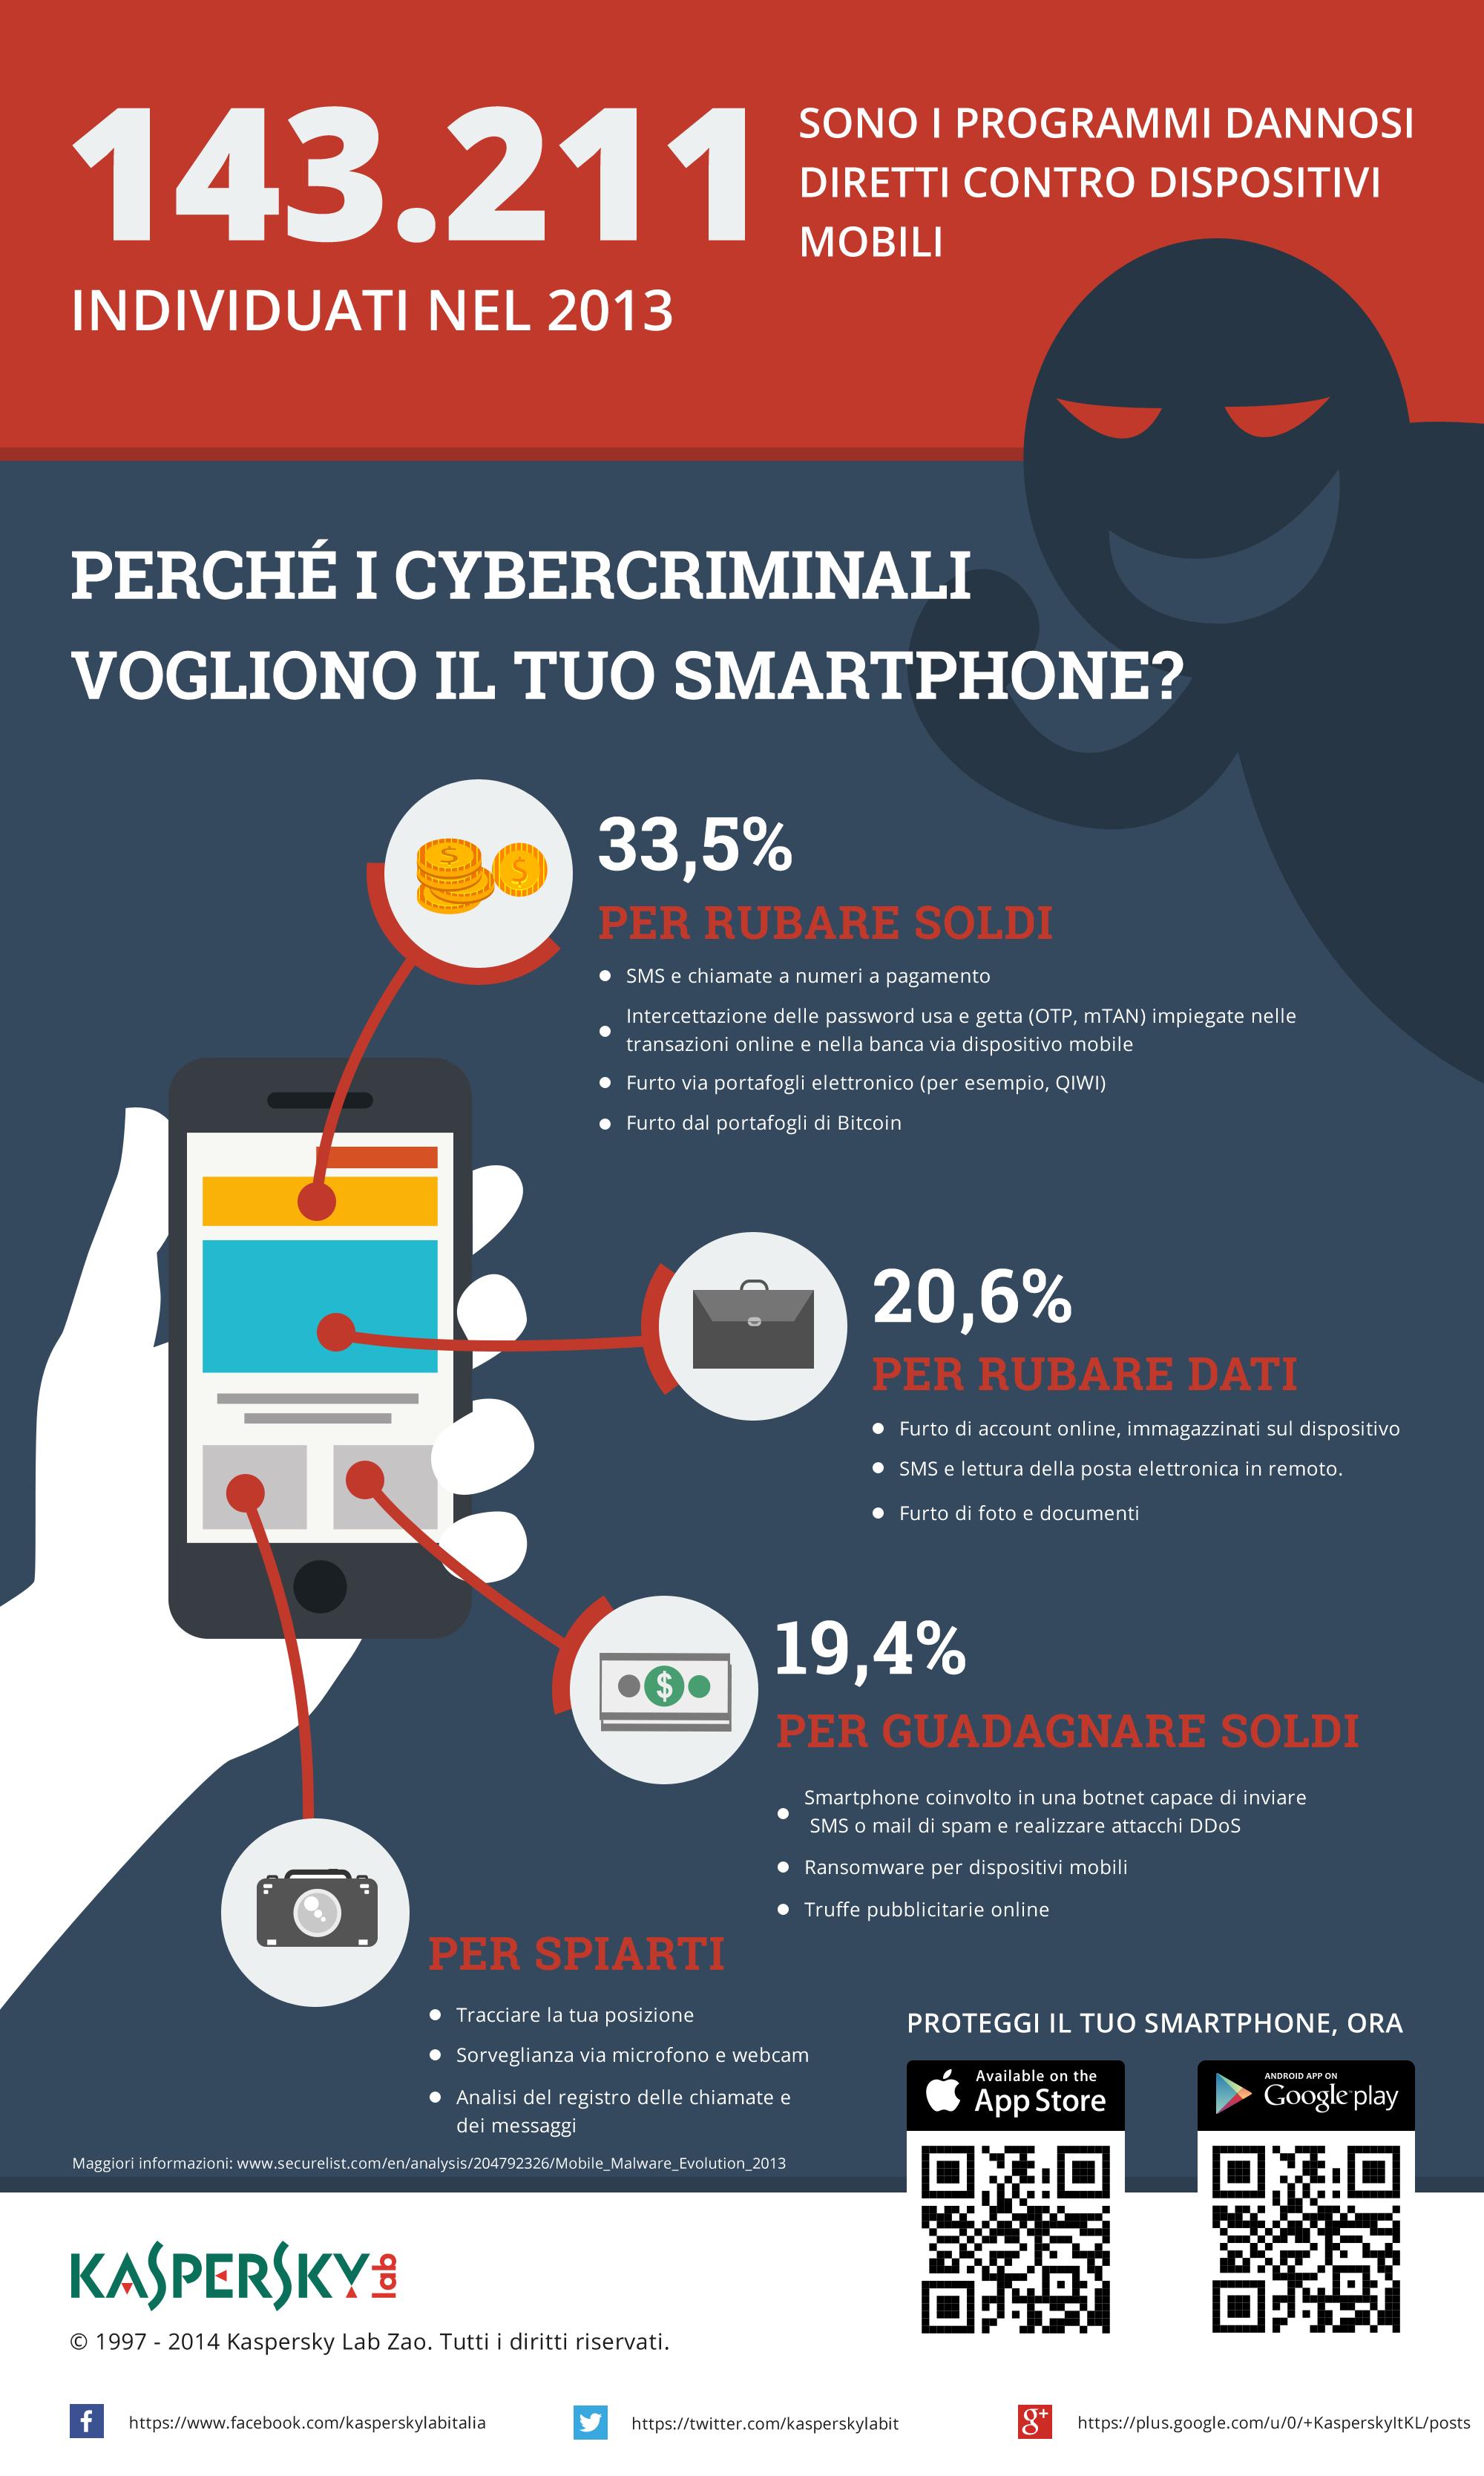 malware mobile aprile 2014